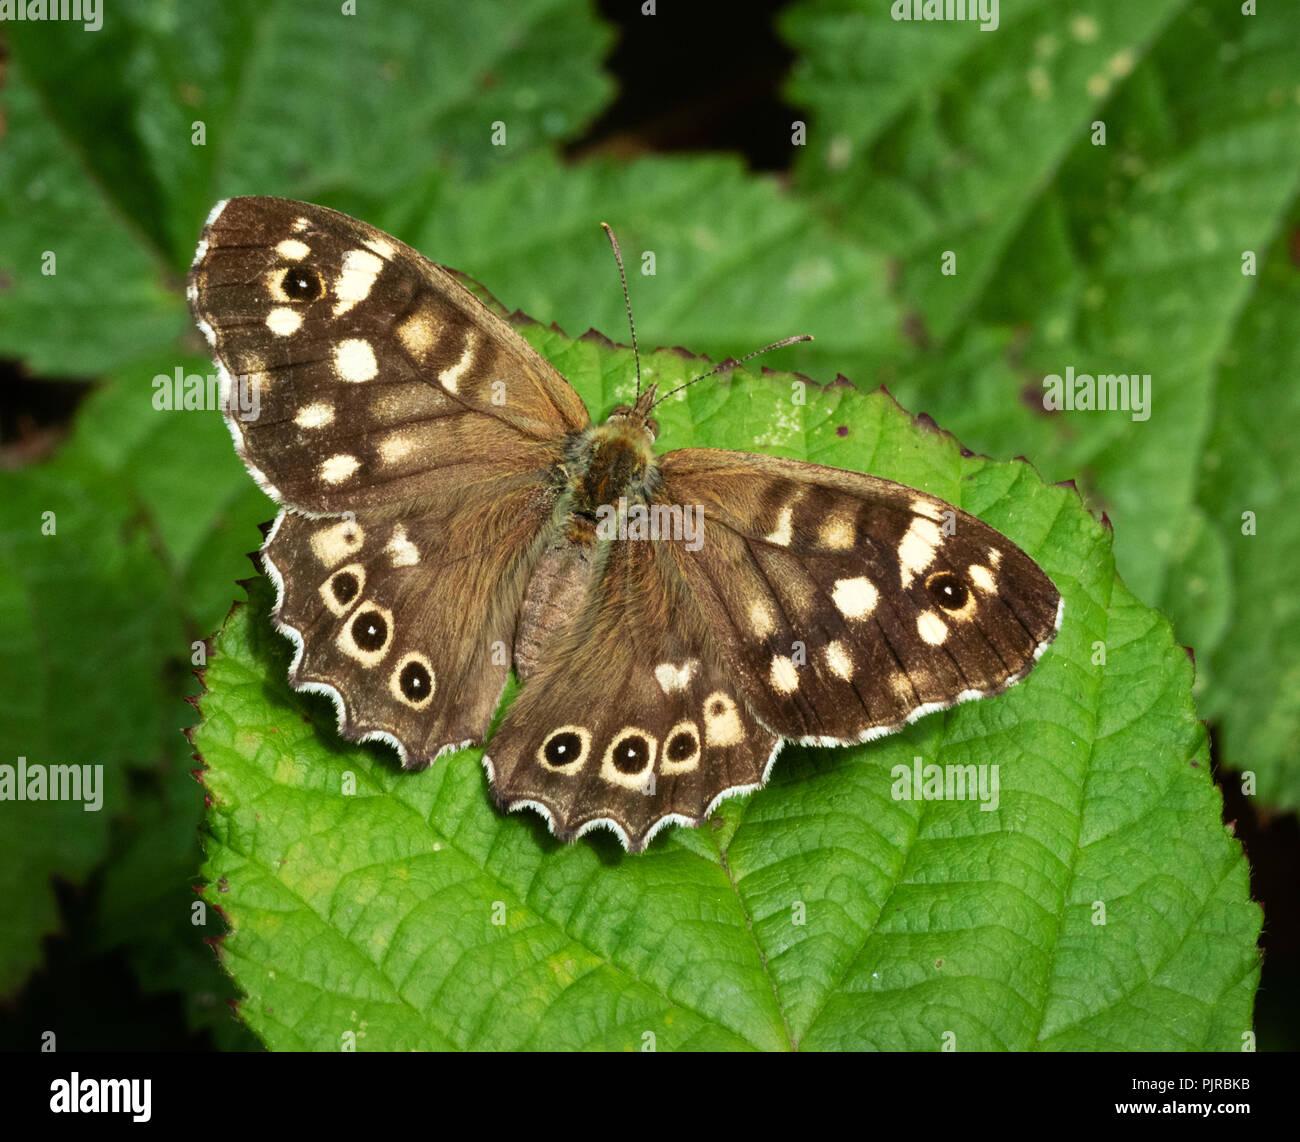 Imago de l'omble de papillon bois Pararge aegiria au repos sur bramble leaf - brown UK form Photo Stock